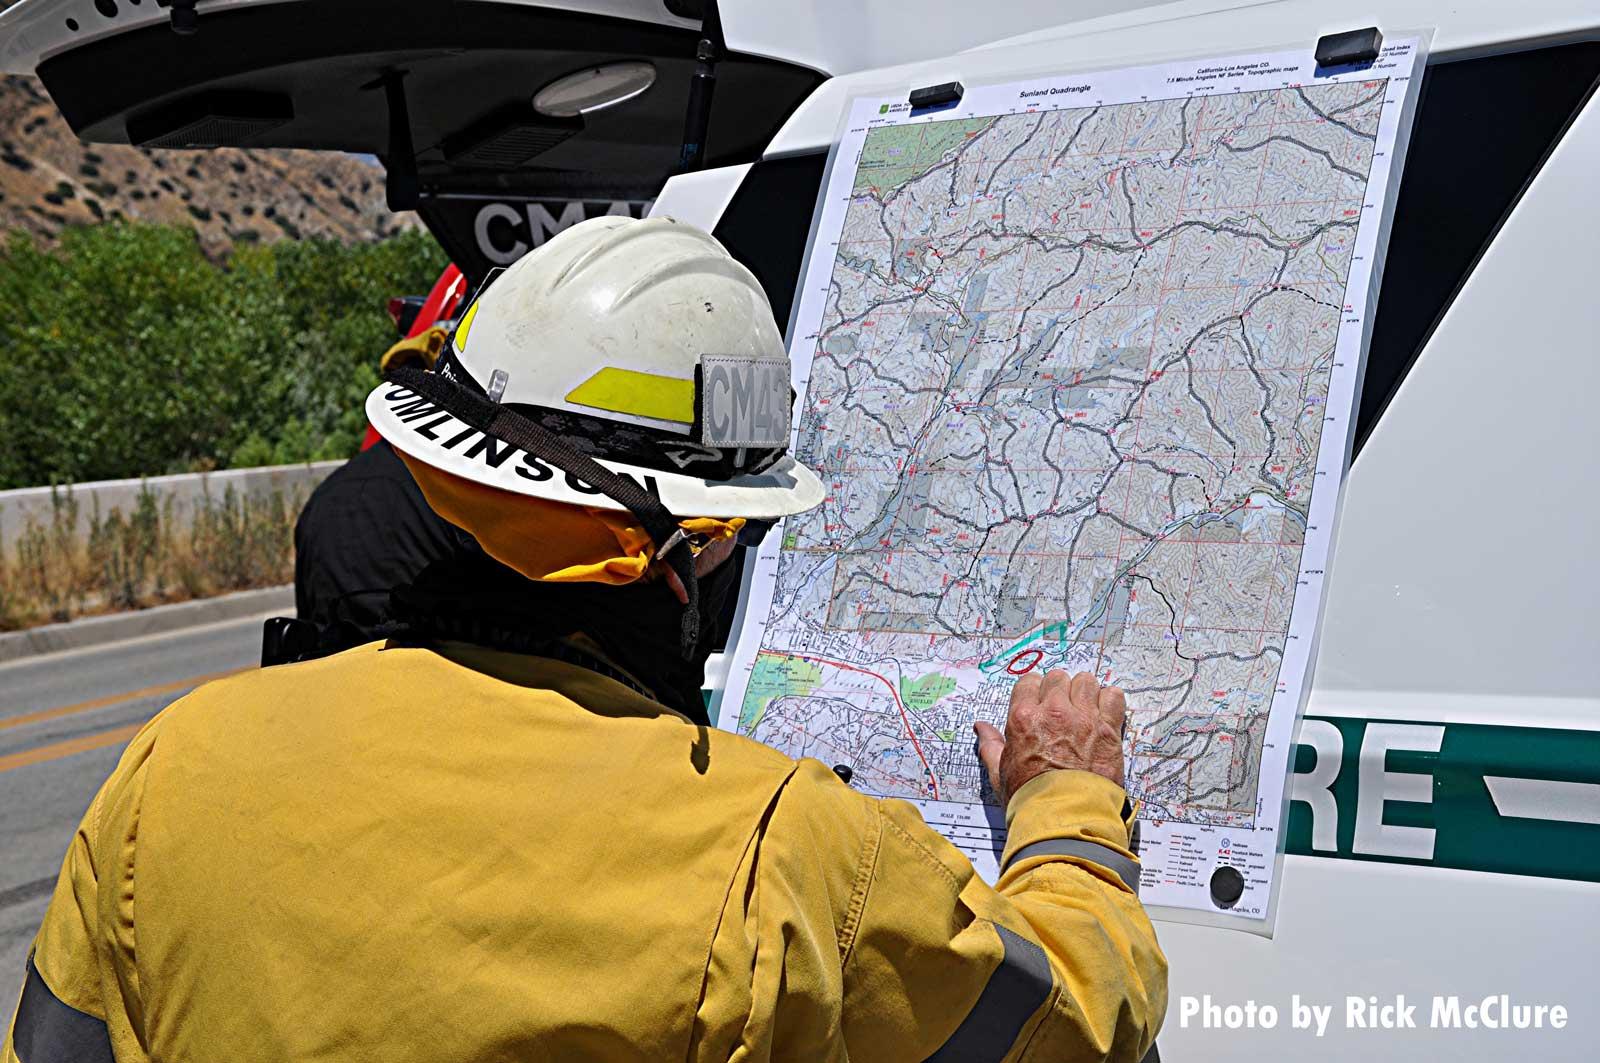 Firefighter examining map